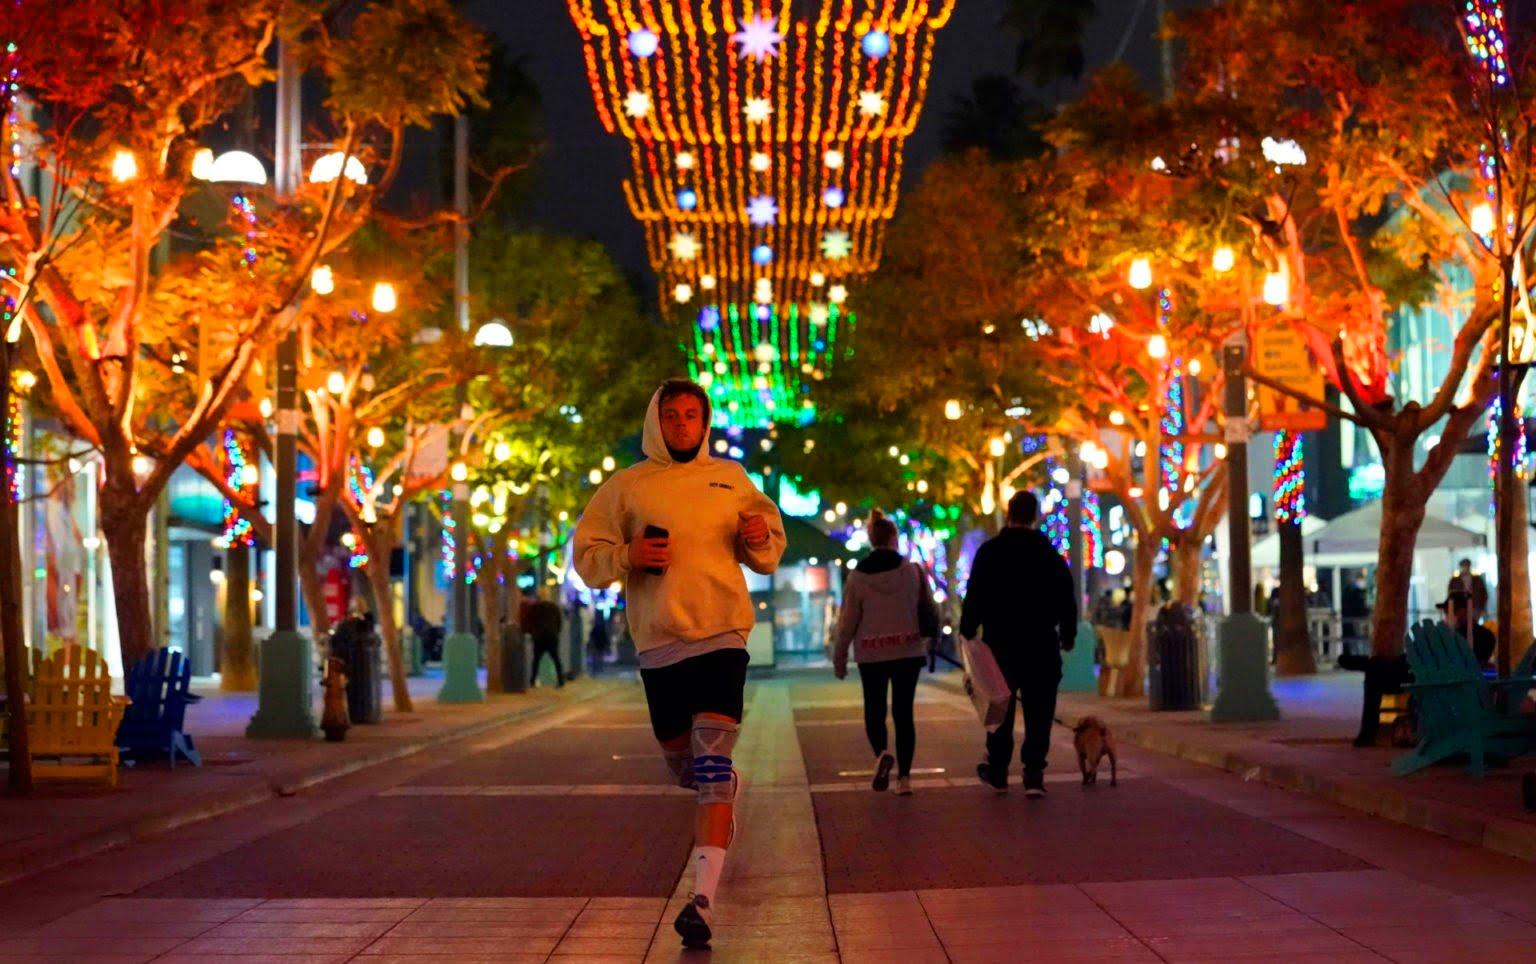 Những điều cần biết về lệnh giới nghiêm ban đêm ở Cali